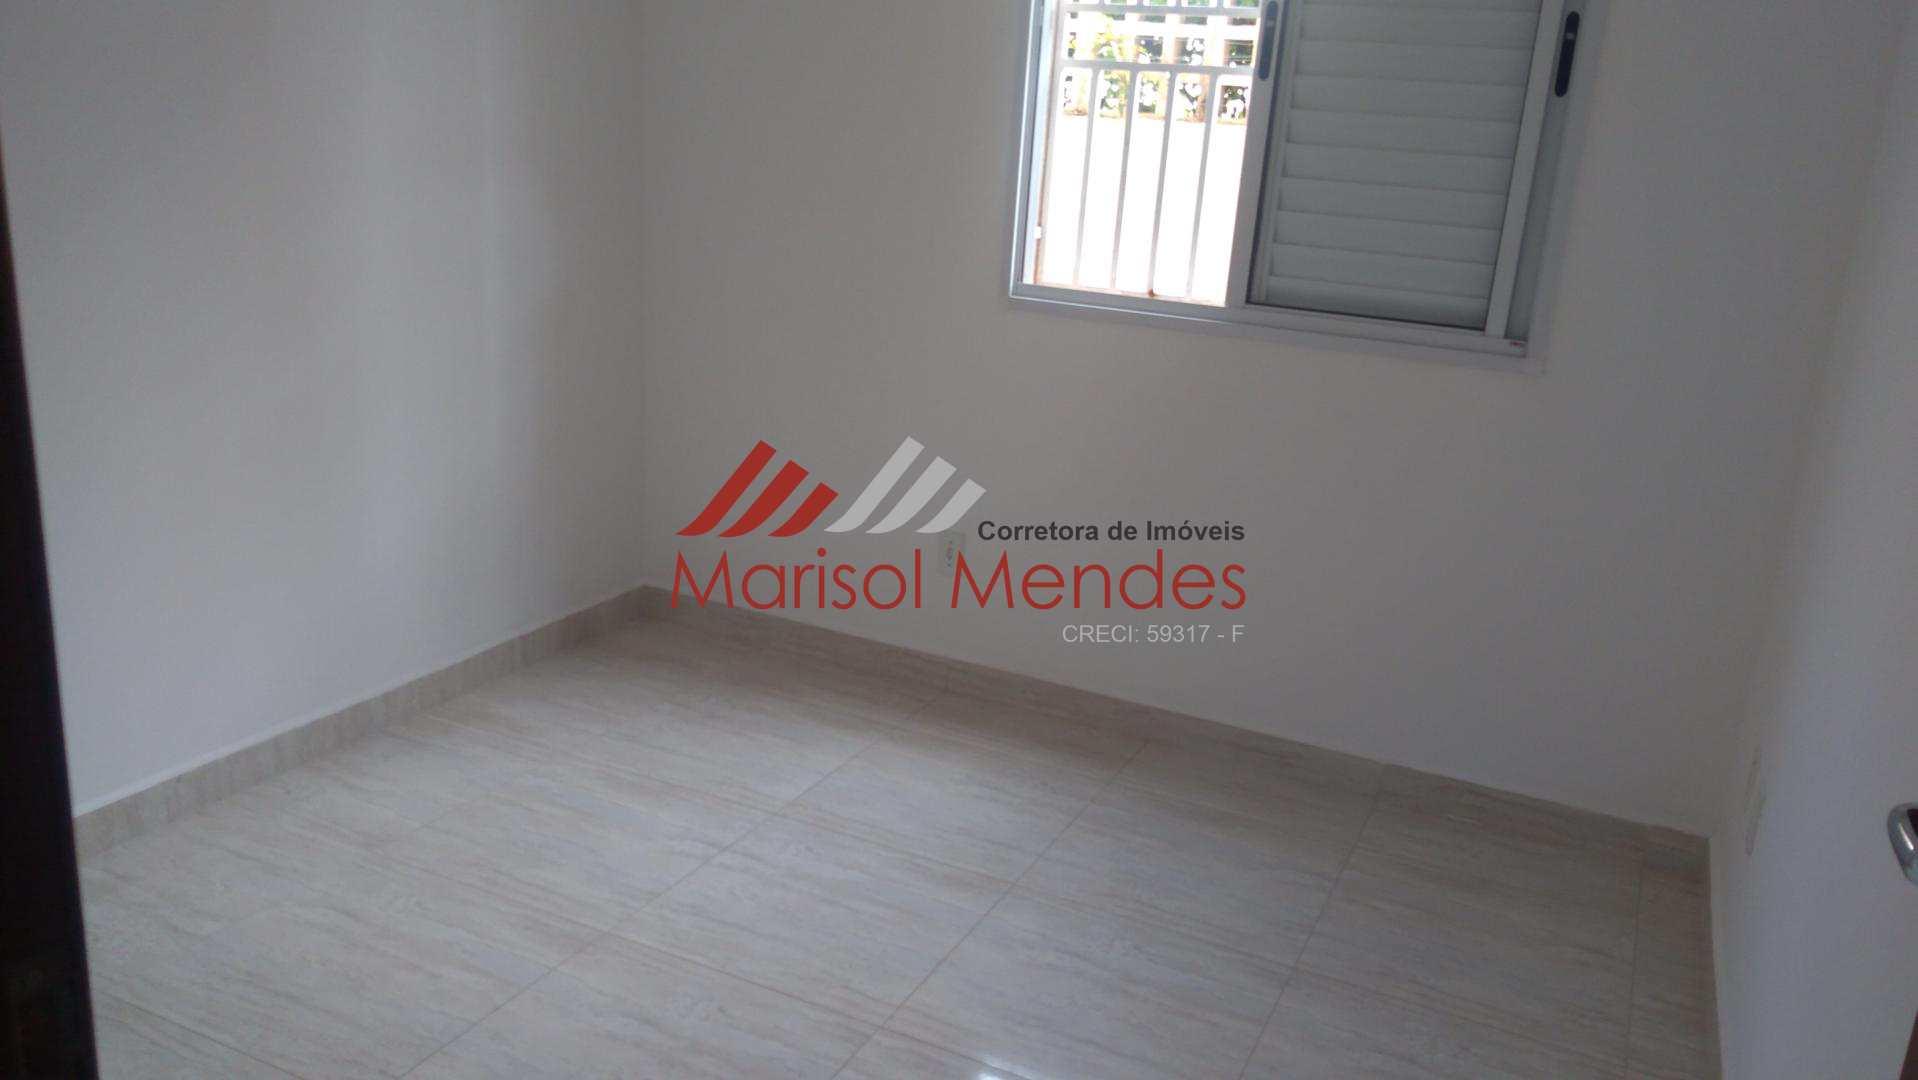 Apartamento com 2 dorms, Vila São Guido, Pirassununga - R$ 210 mil, Cod: 44